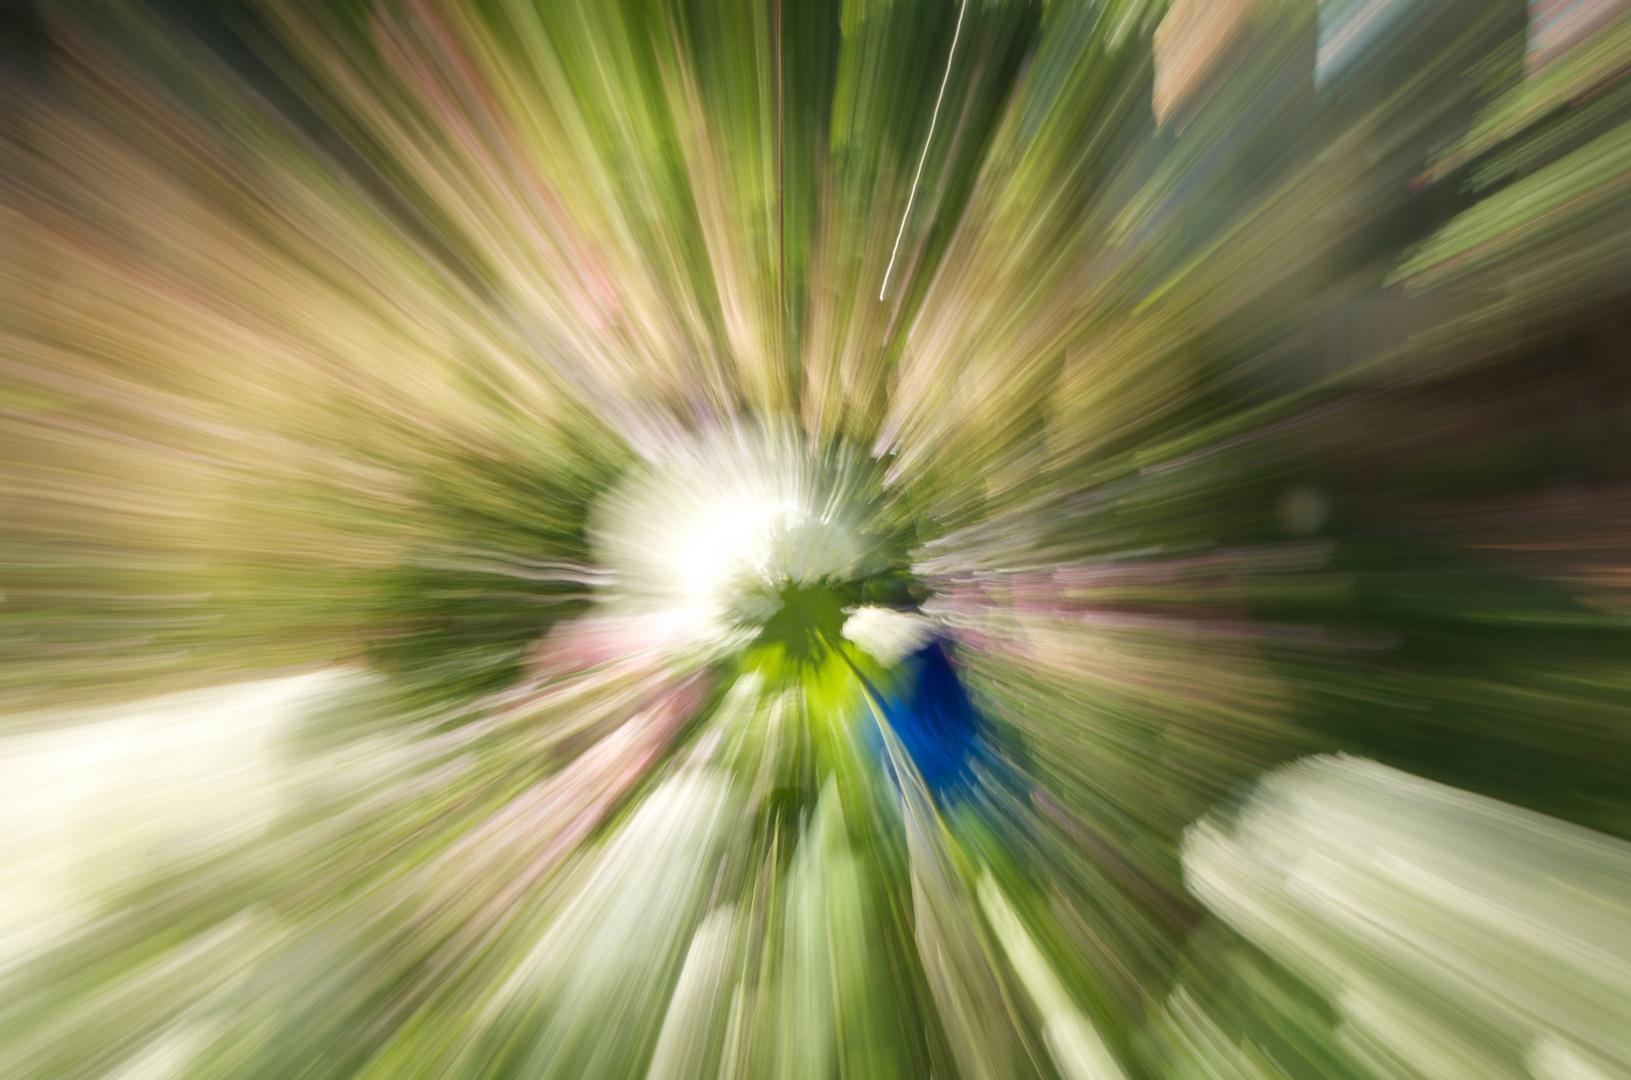 garden in motion